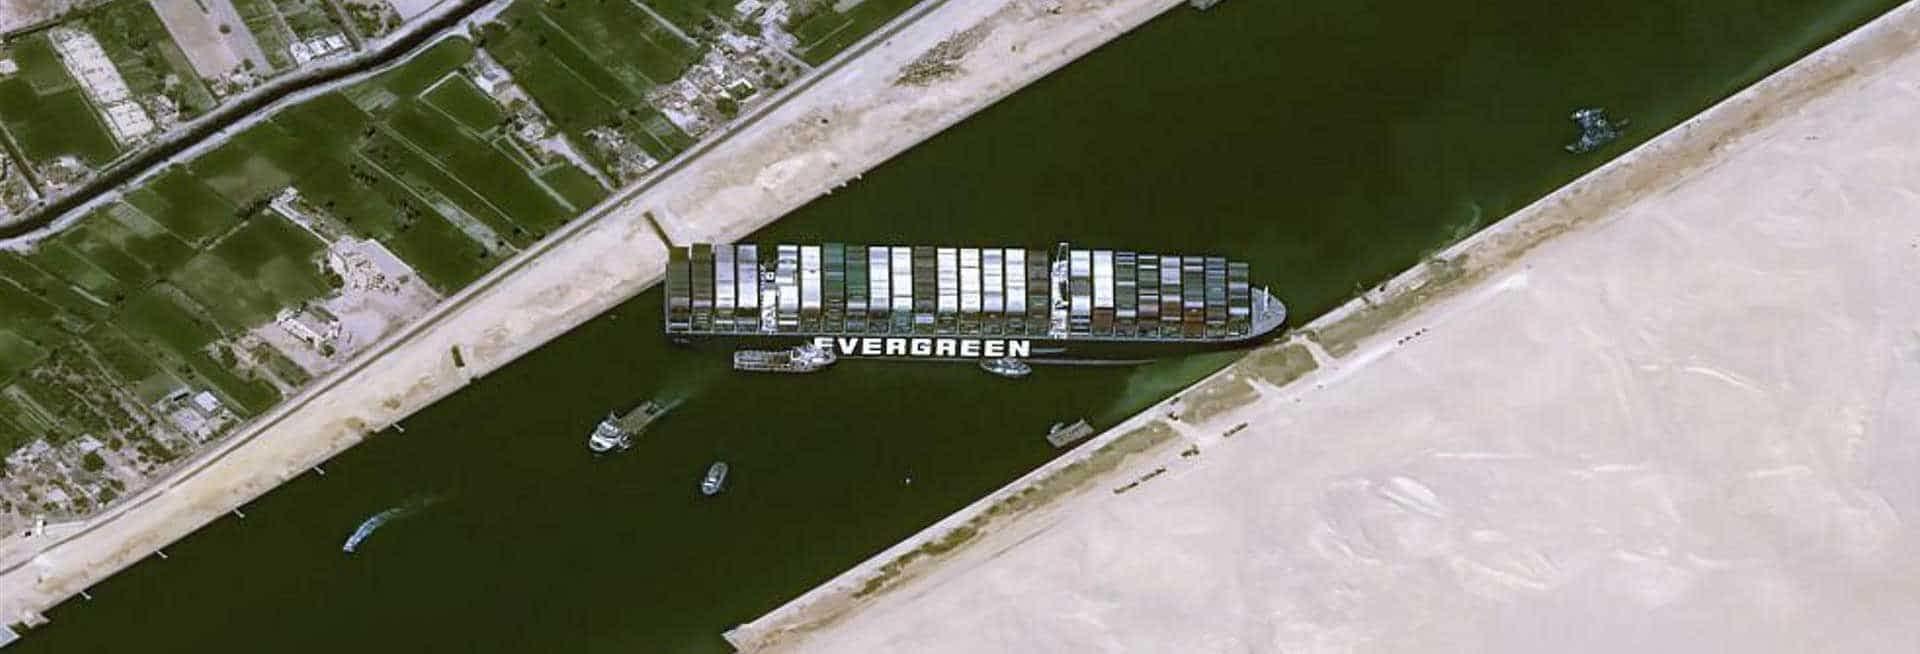 Containerschiff blockiert Suez Kanal